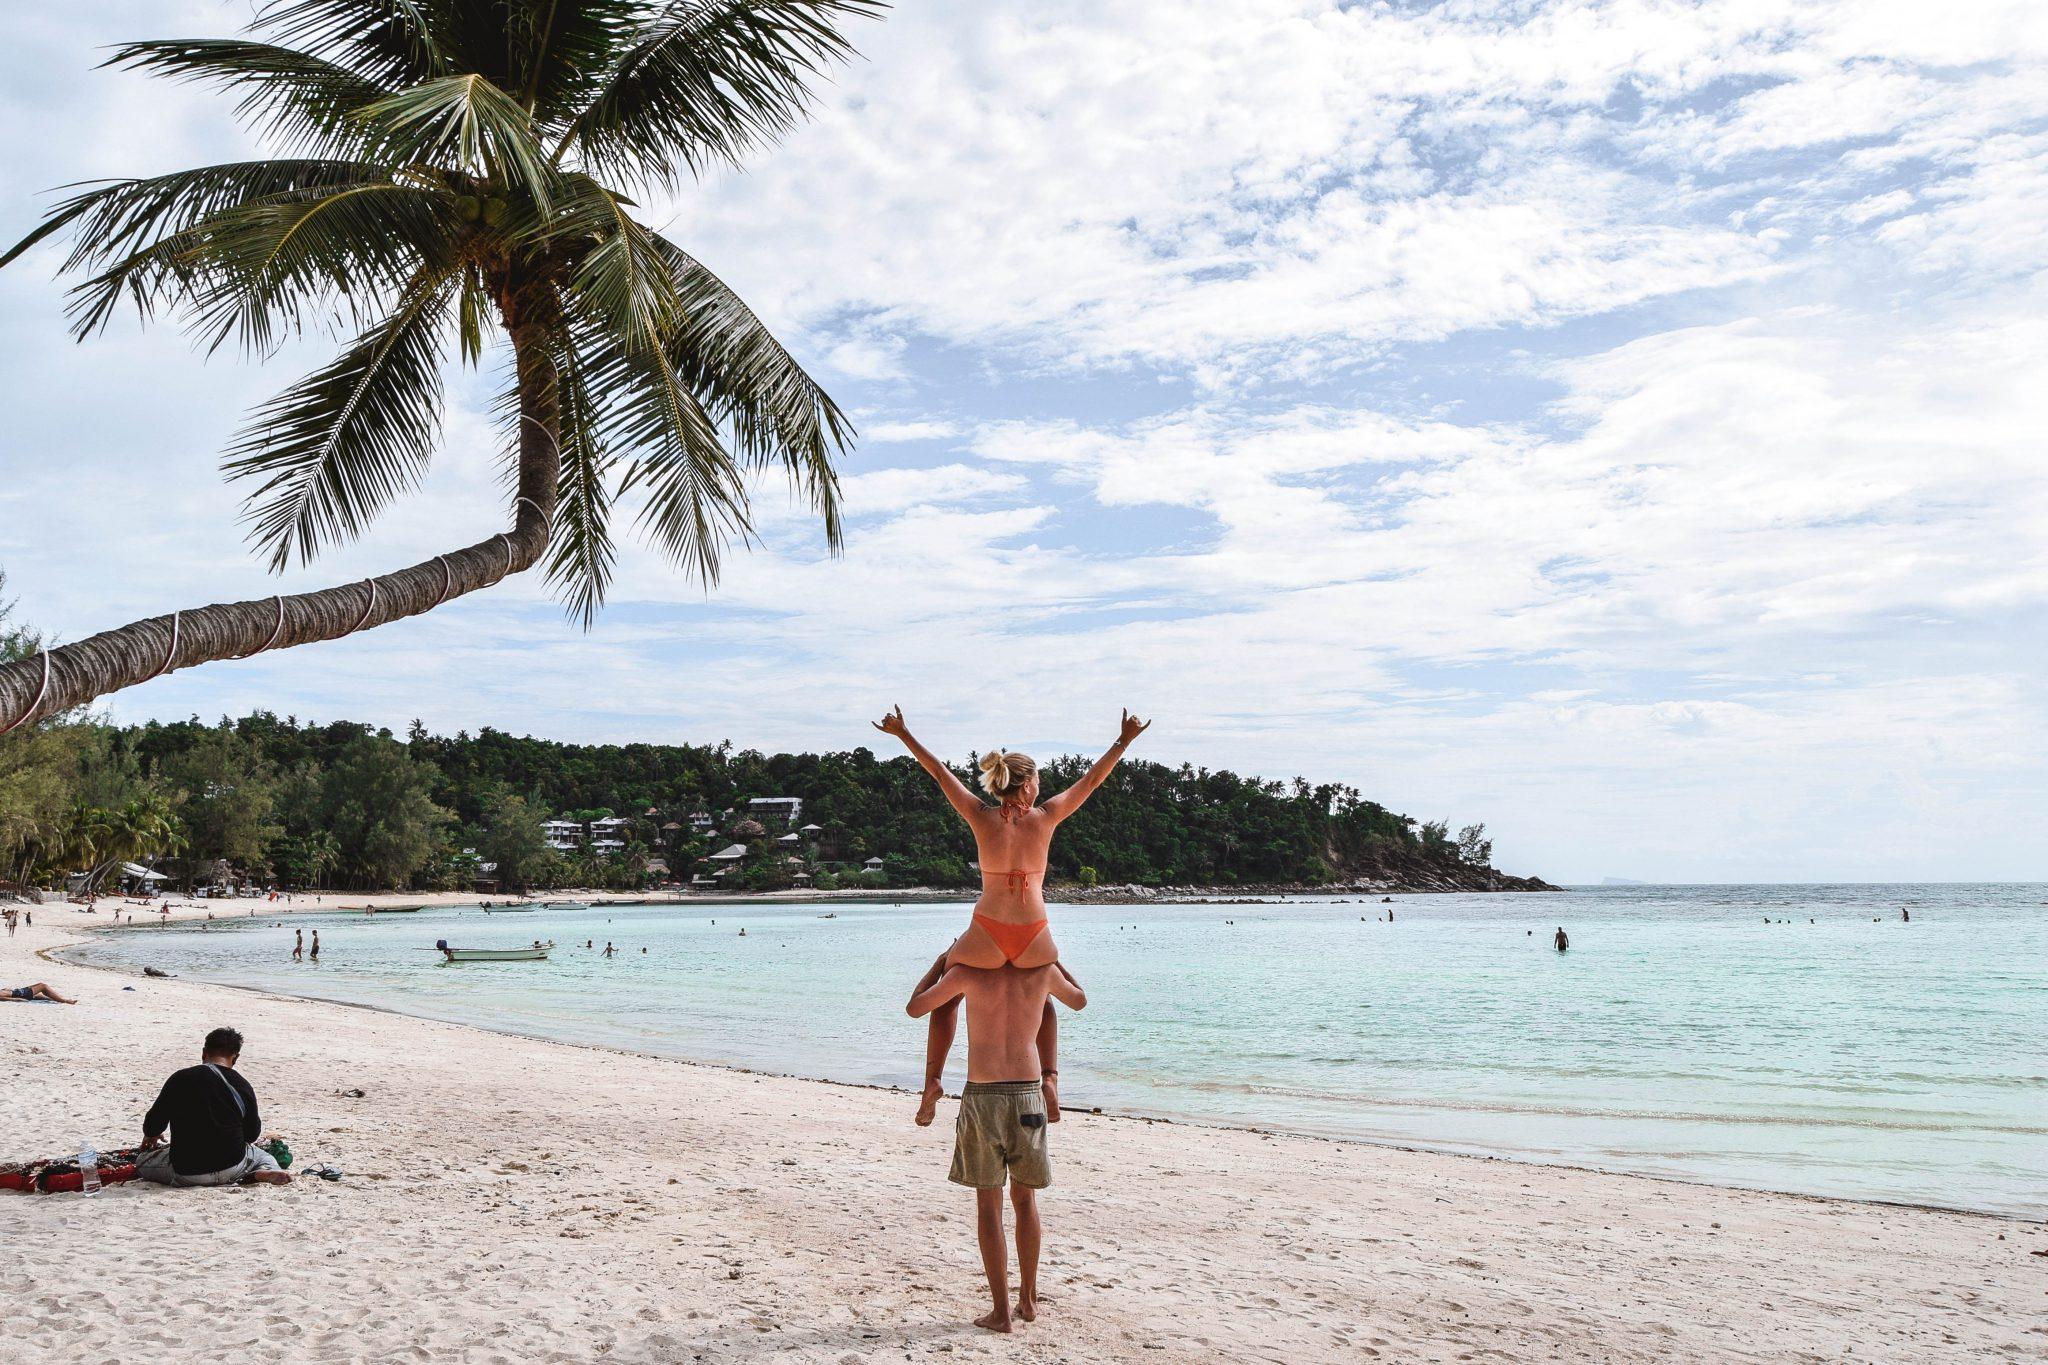 Wanderers & Warriors - Charlie & Lauren UK Travel Couple - Haad Salad Beach Koh Phangan Best Beaches Koh Phangan Beaches